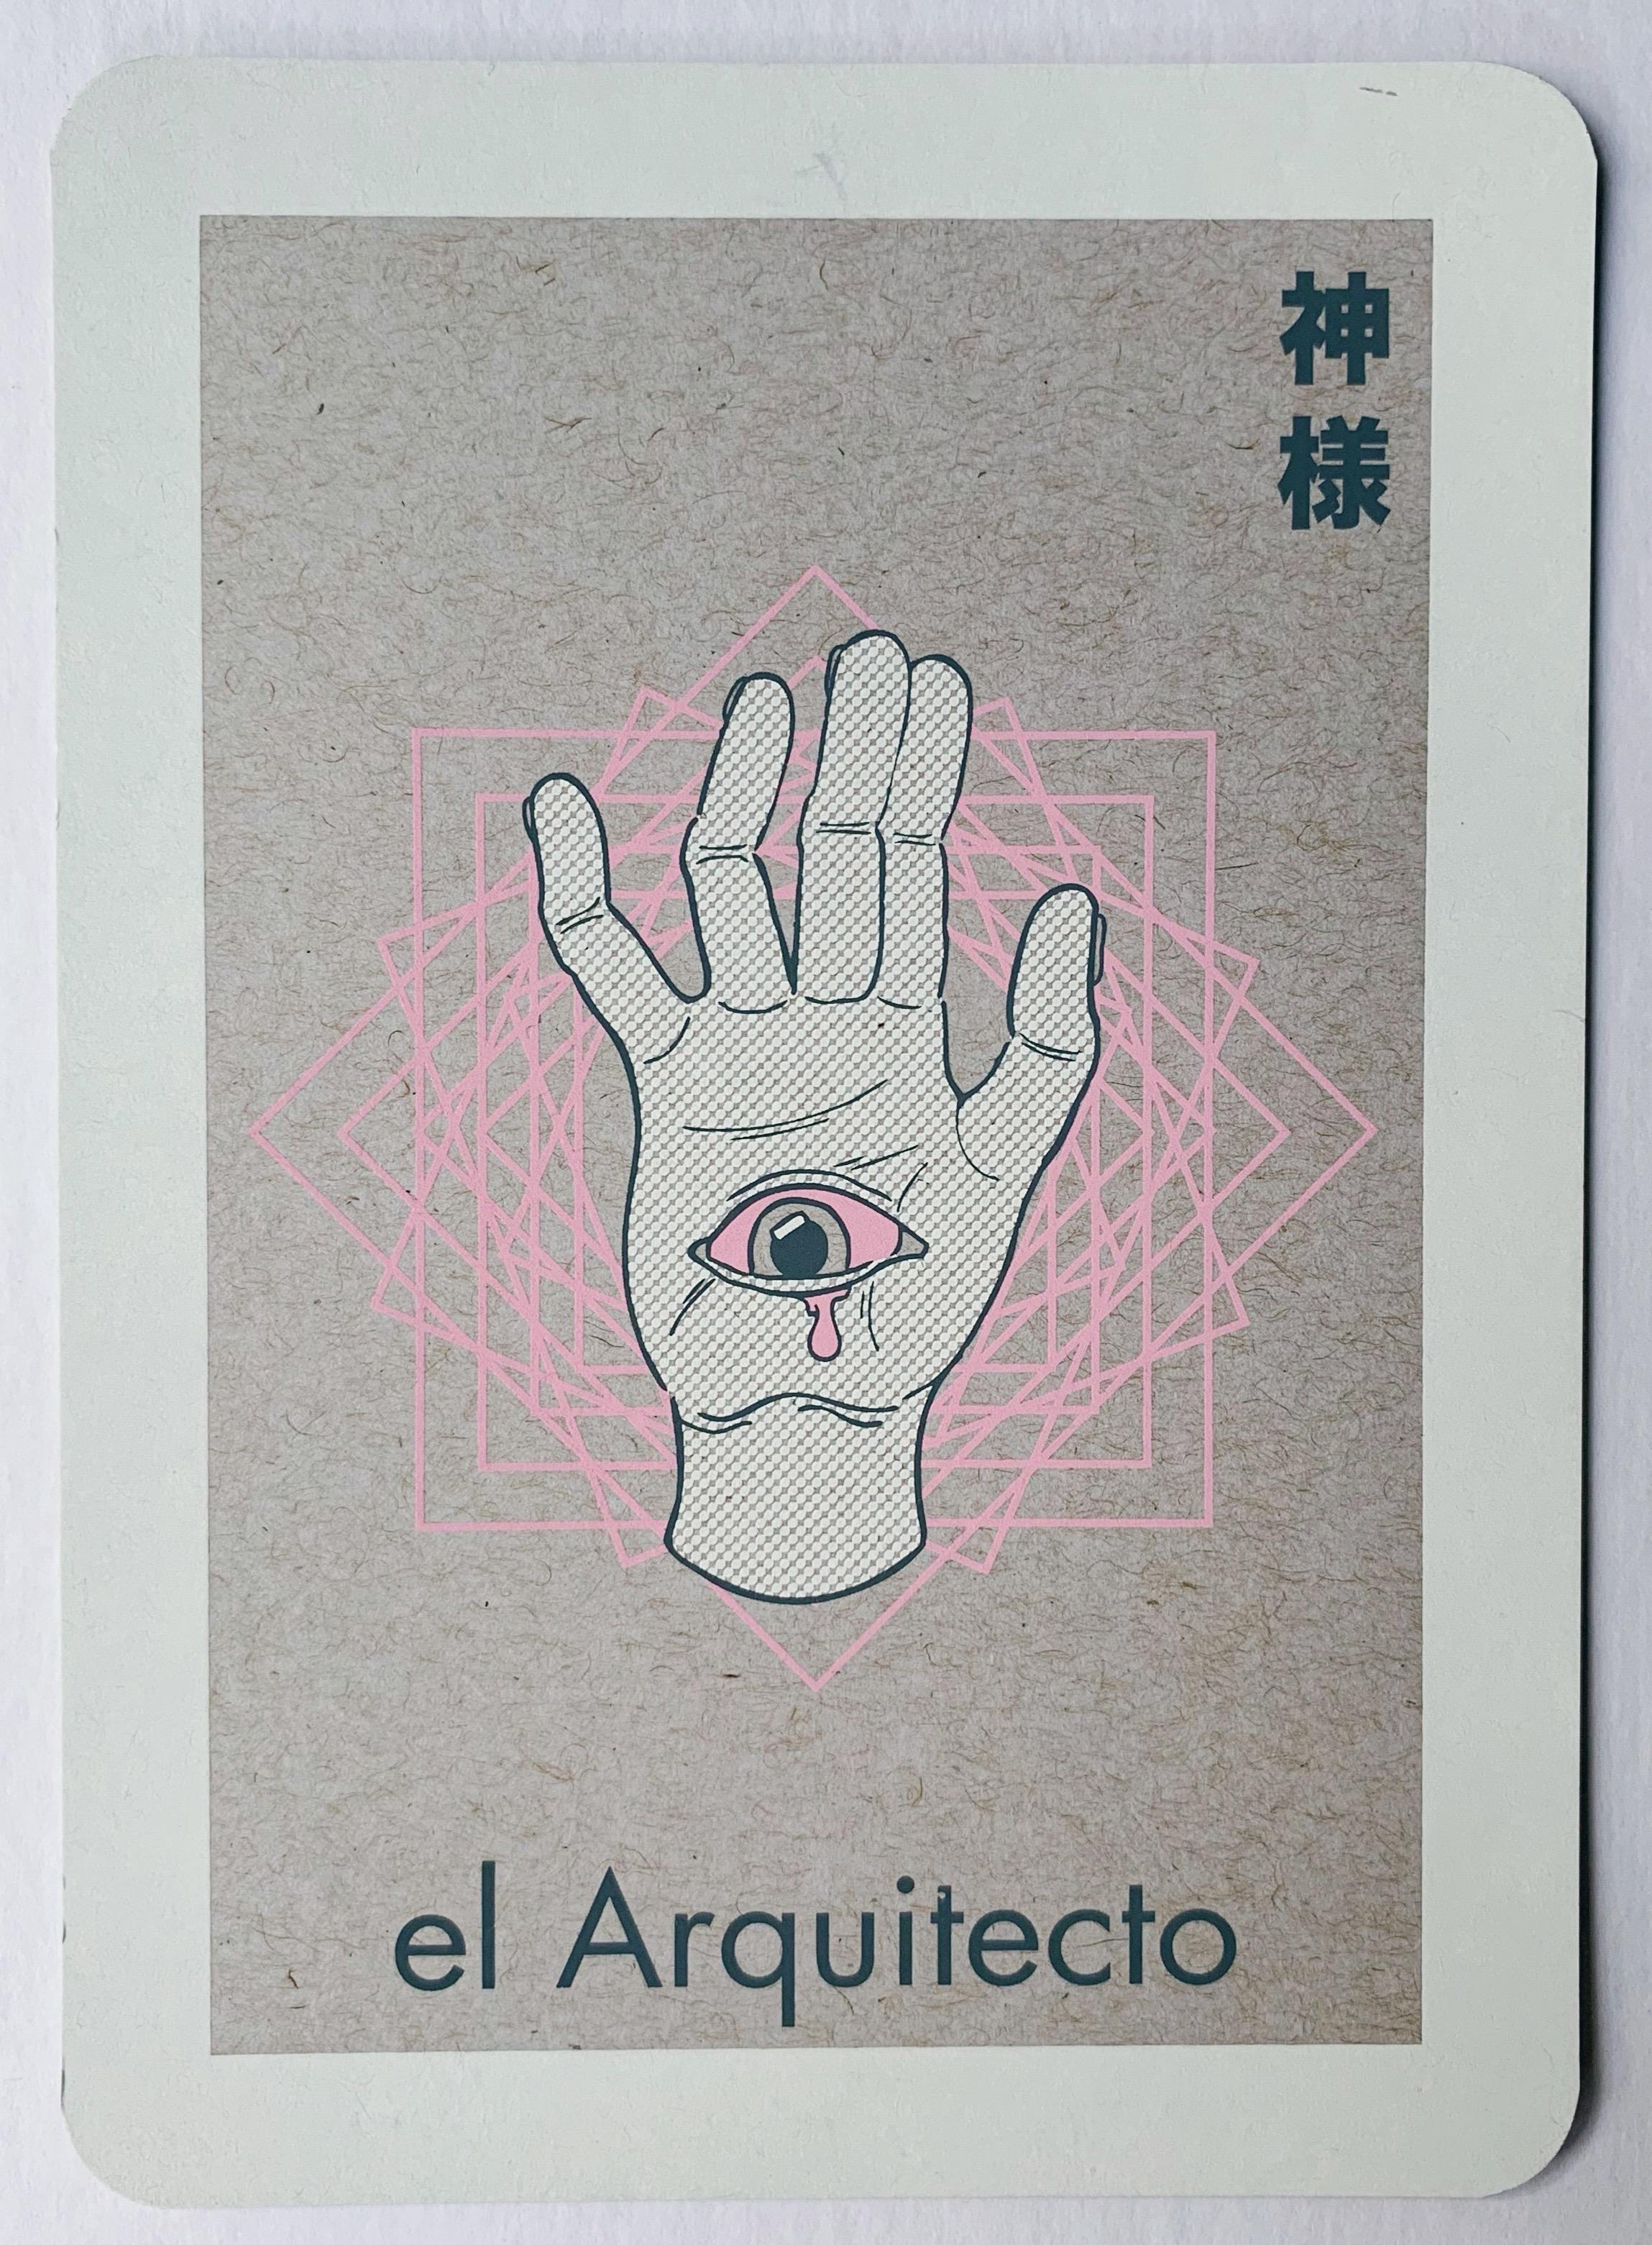 el Arquitecto, serigraphy, 2017